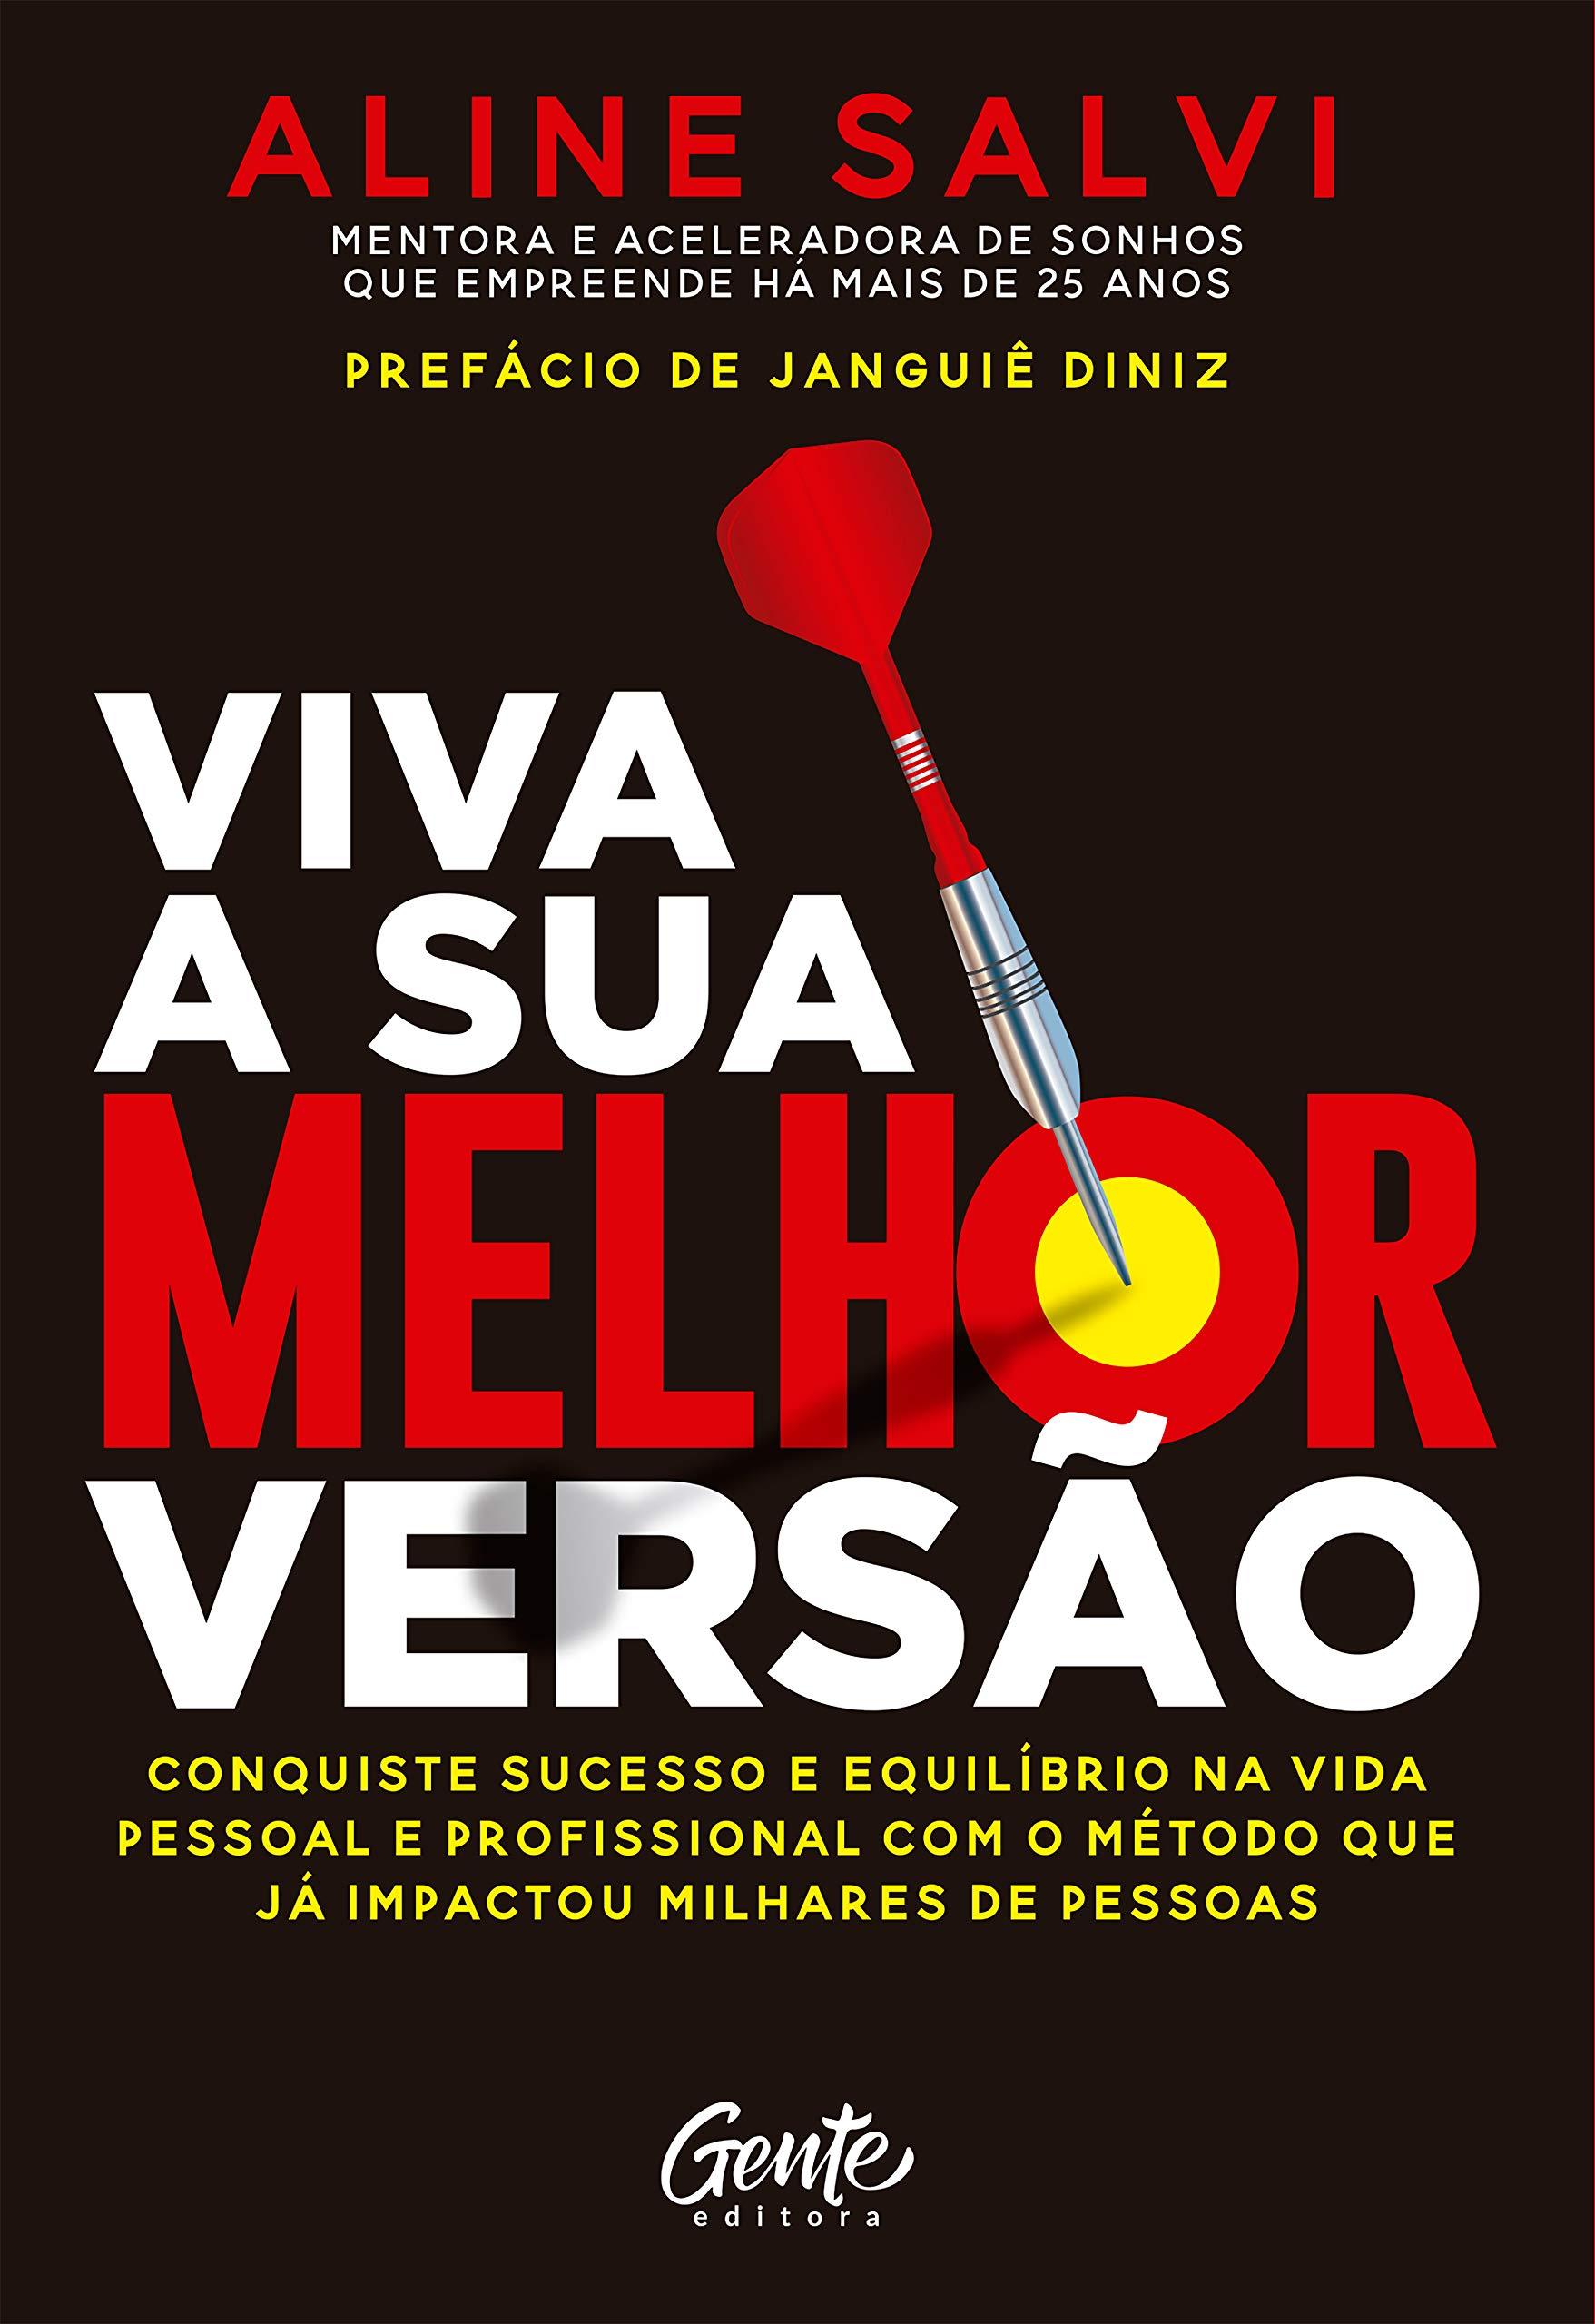 Viva a sua melhor versão: Conquiste o sucesso e equilíbrio na vida pessoal e profissional com o método que já impactou milhares de pessoas (Portuguese Edition)